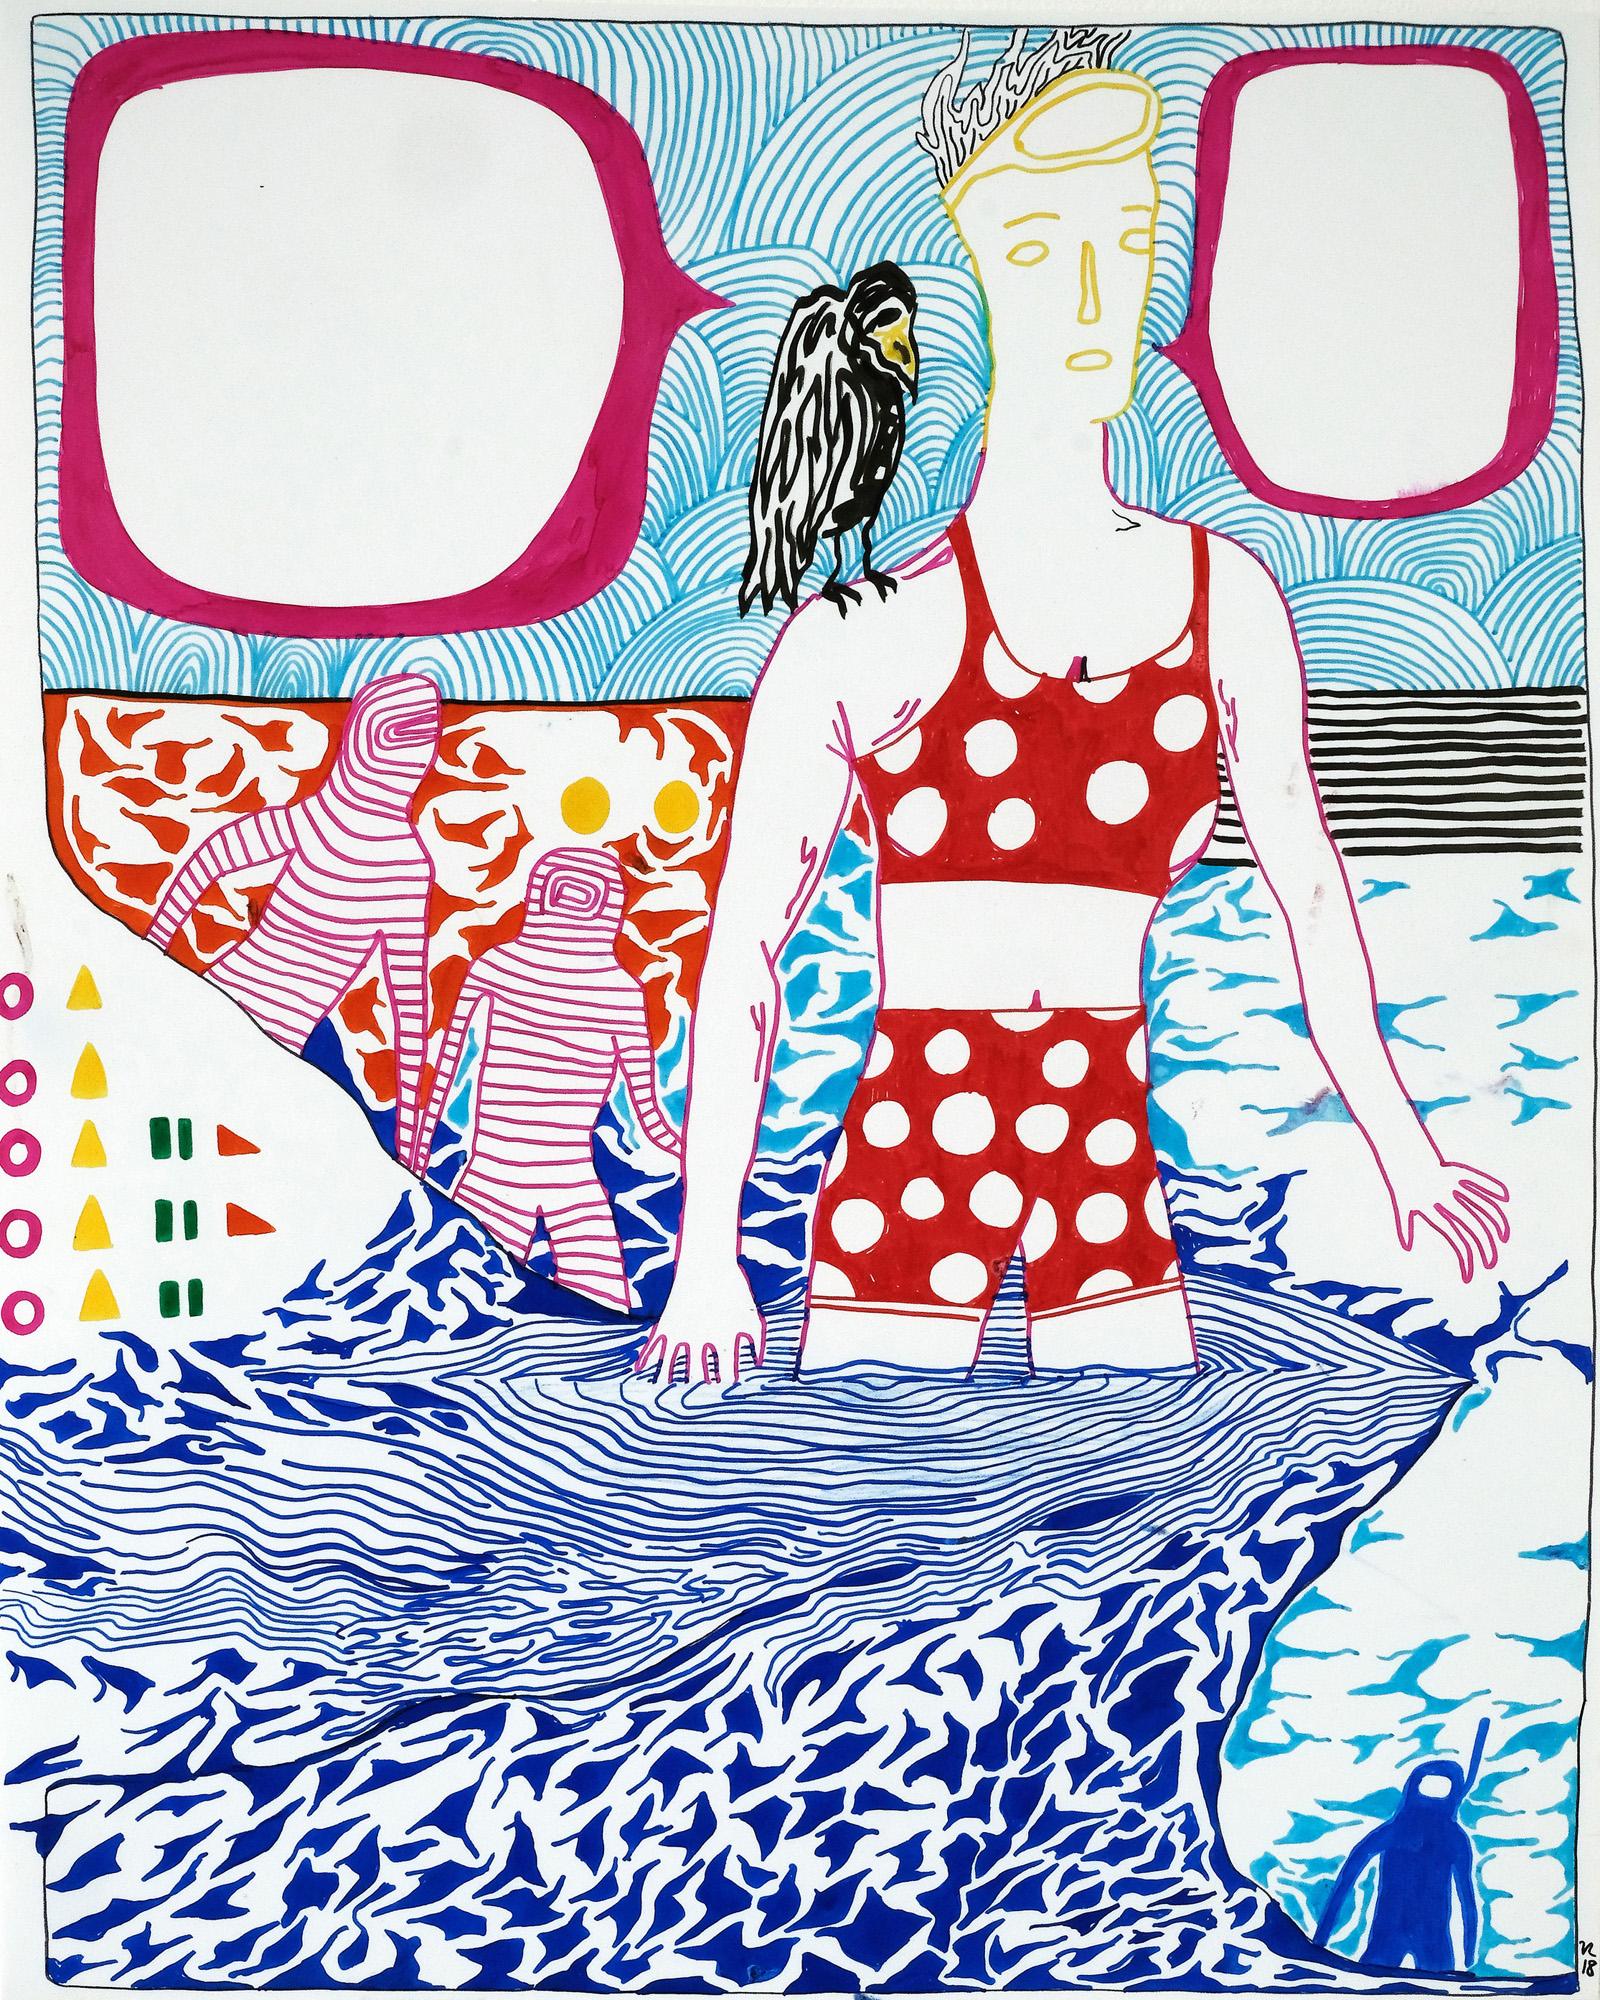 O.T., 60 x 76 cm, 2018, Mischtechnik auf Papier